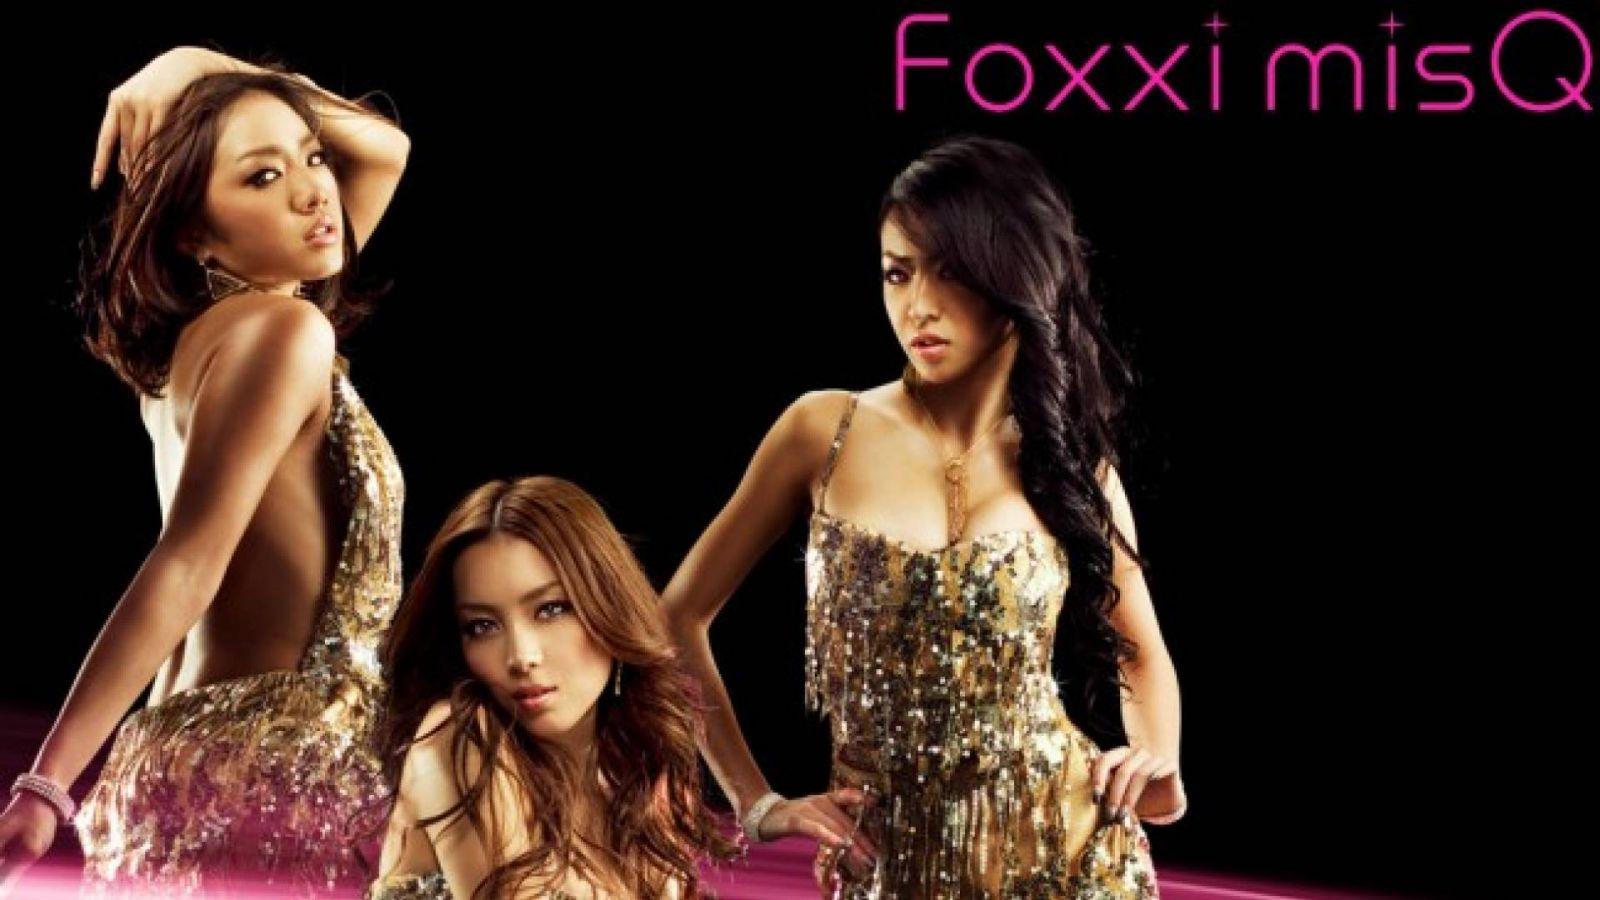 Foxxi misQ © Foxxi misQ / R and C